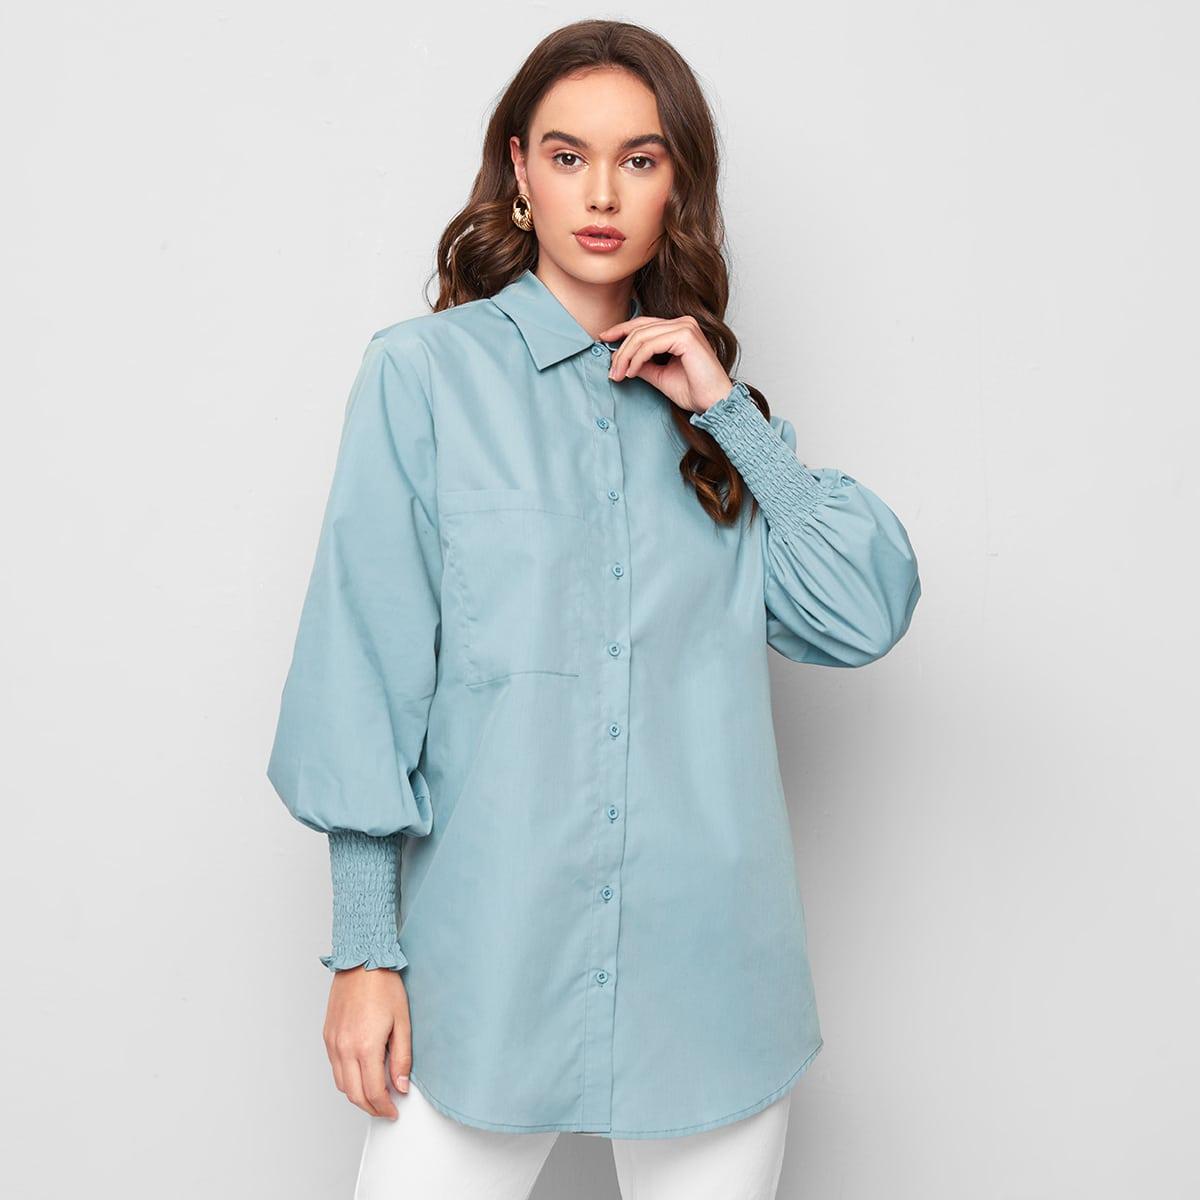 Bluse mit Laternenärmeln und gebogenem Saum